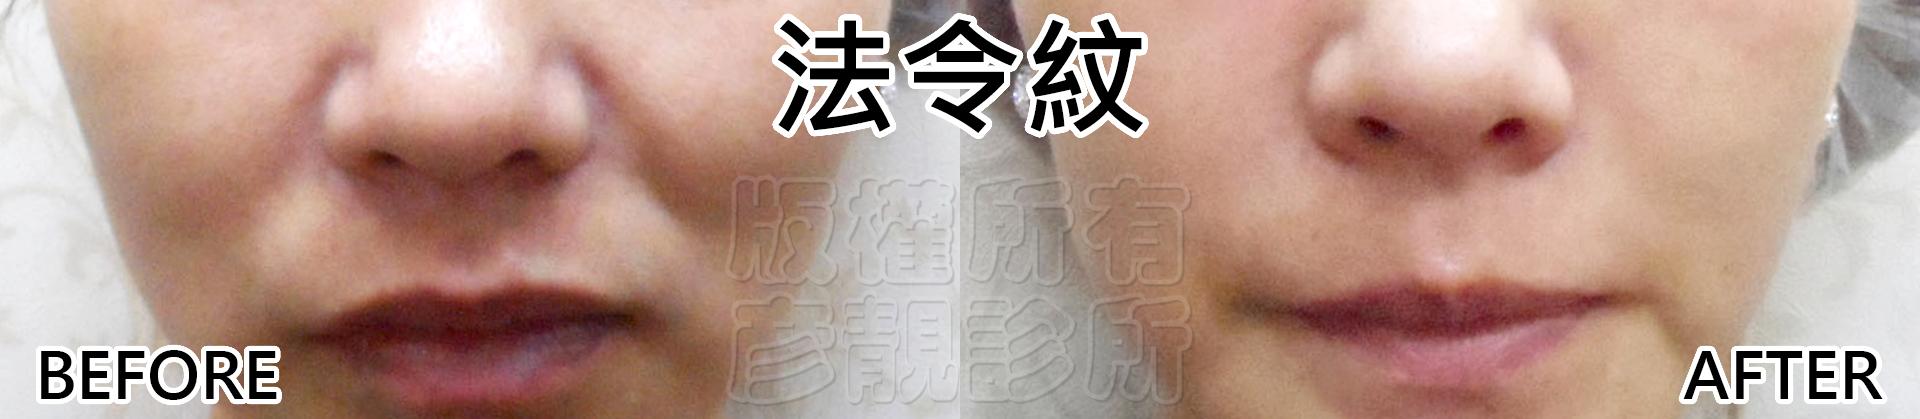 桃園-台北-醫美-推薦-墊下巴、嘴邊肉、瘦小臉-彥靚診所-法令紋-消除-木偶紋-嘴邊肉-回春-長效型玻尿酸-黃政達醫師-新竹-高雄003